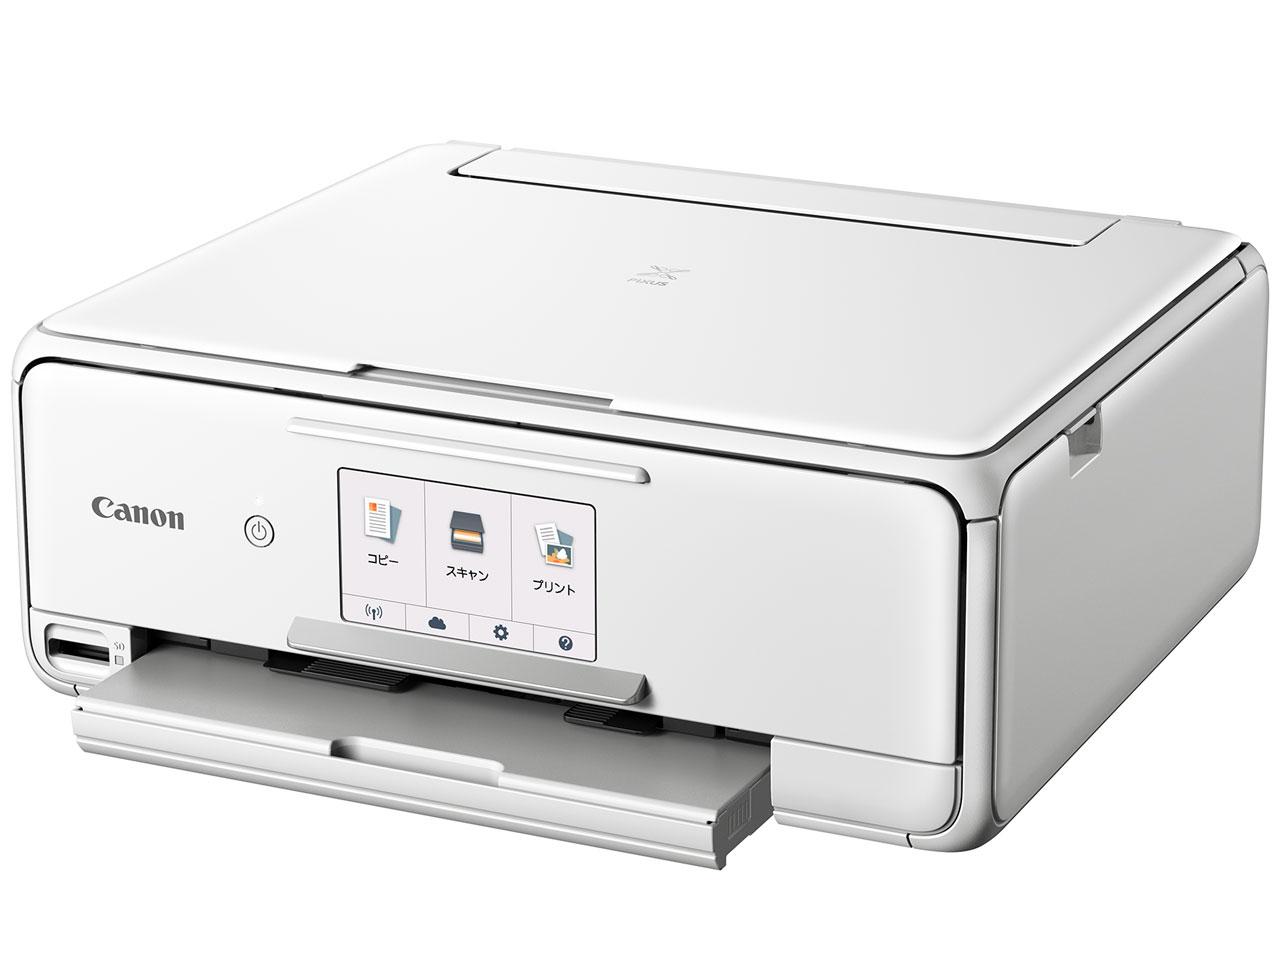 PIXUS TS8130 [ホワイト] の製品画像